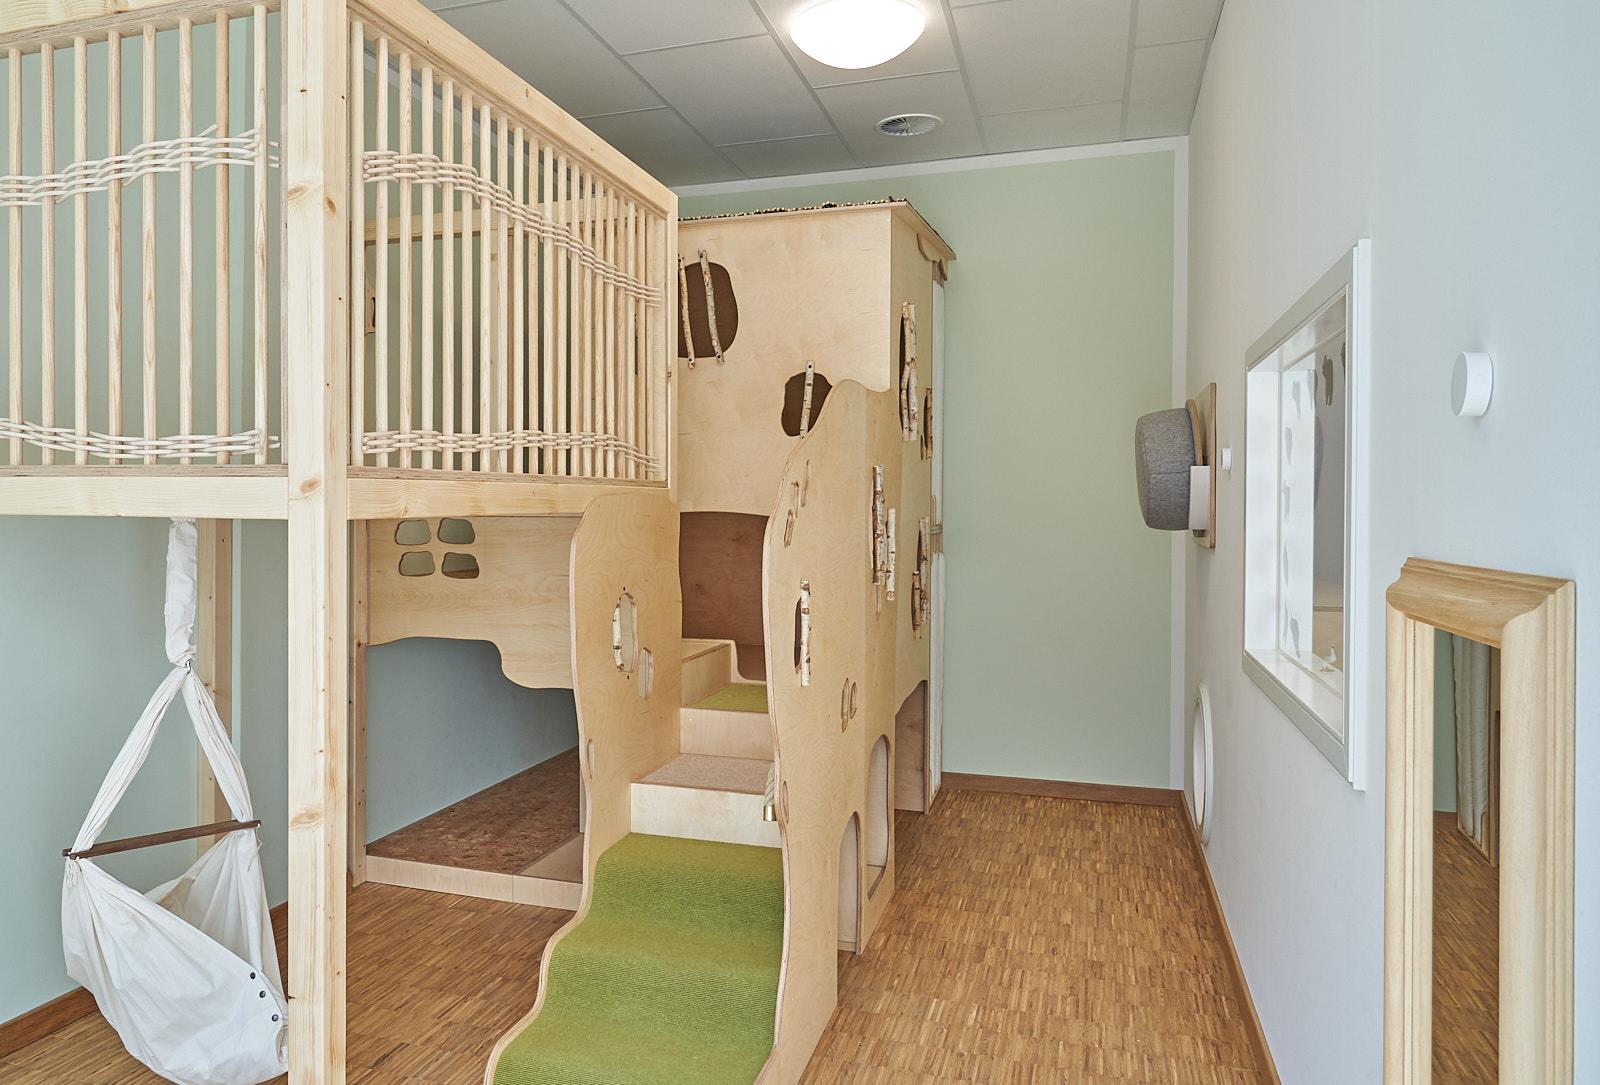 Schlafpodest, Kita, Kindergarten, Kindertagesstätte, Ruhe, Schlafen 10.jpg